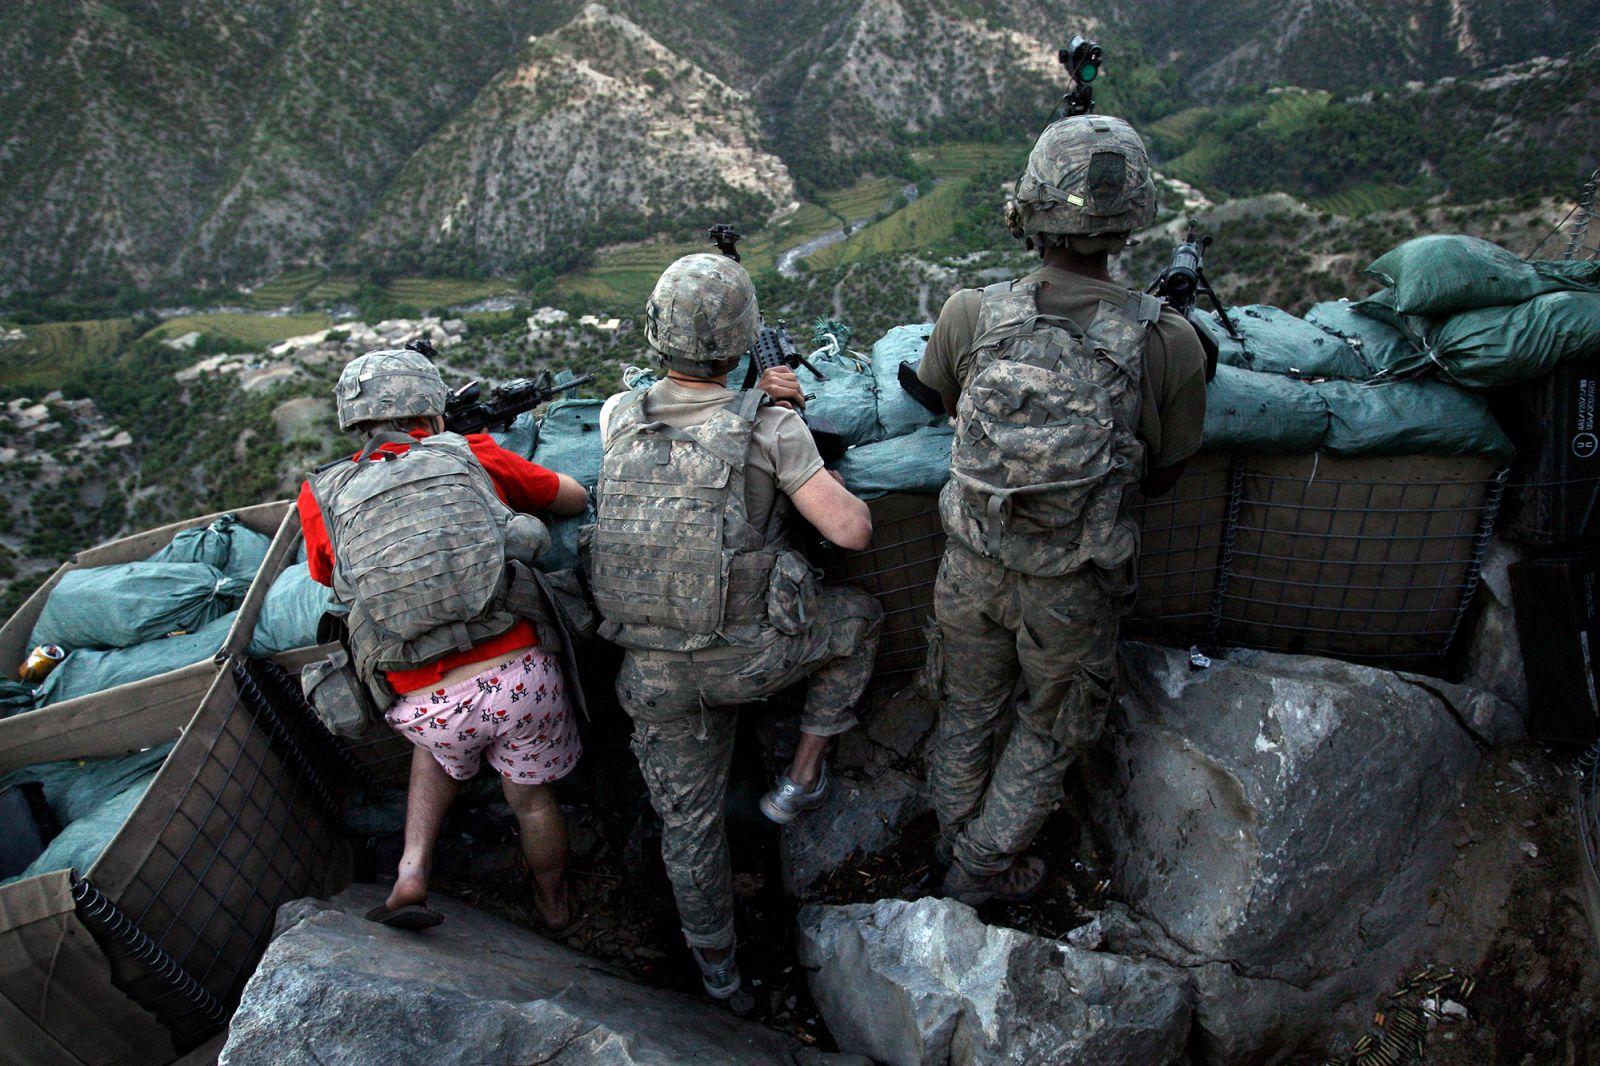 لباس زننده سرباز آمریکایی در افغانستان+عکس